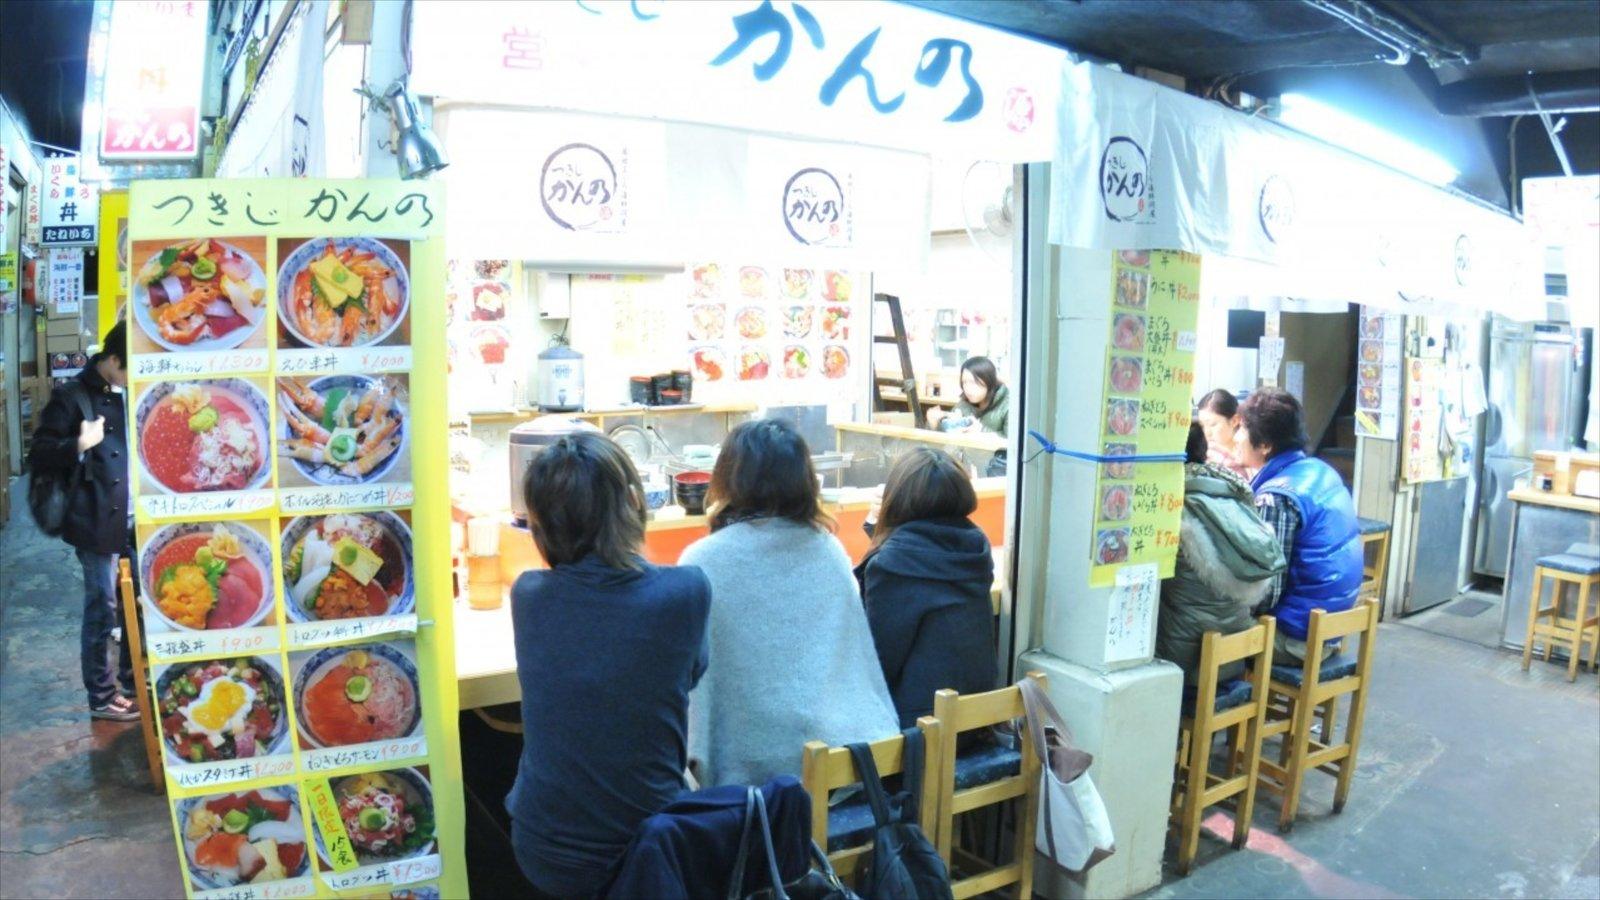 Tsukiji Fish Market showing interior views, outdoor eating and markets